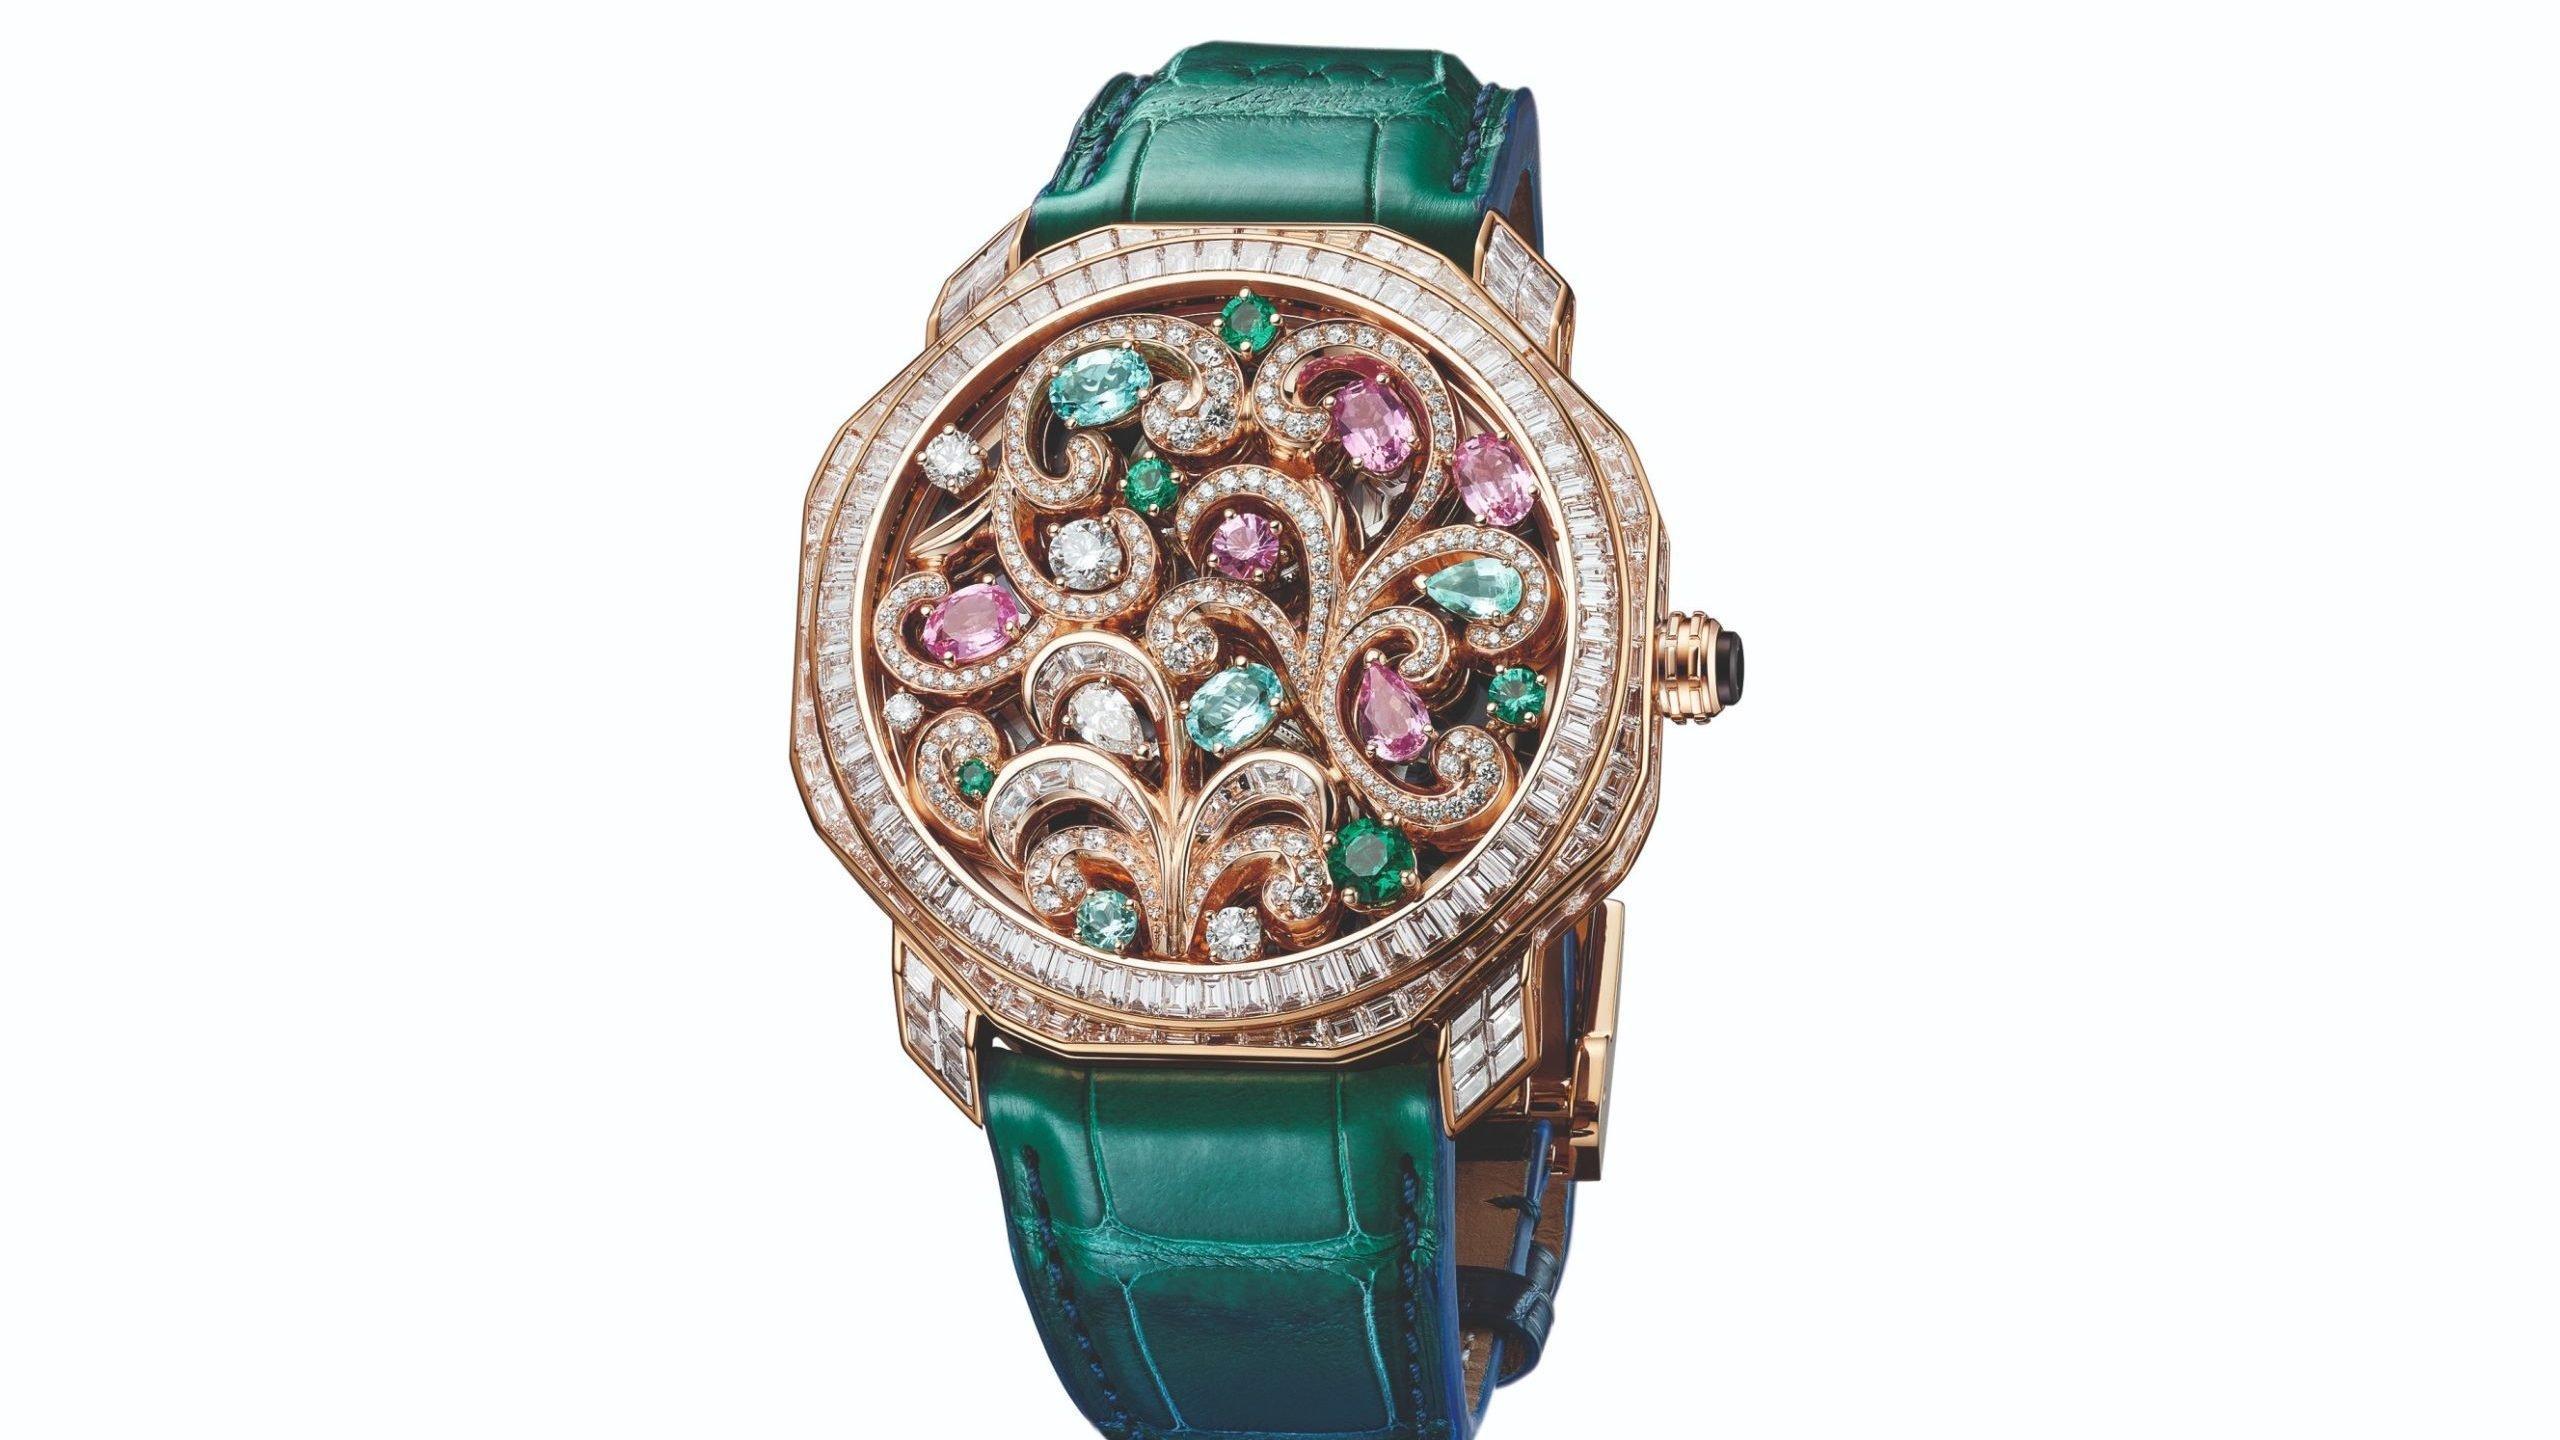 Barocko: La colección que envuelve los tres nuevos relojes de Bvlgari